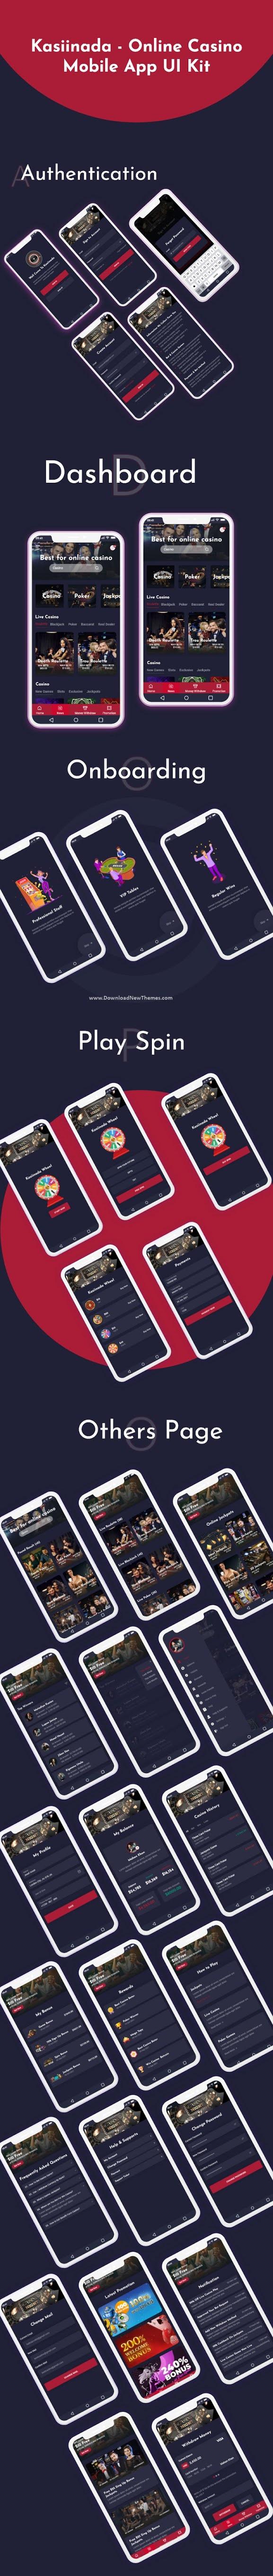 Online Casino Mobile App UI Kit